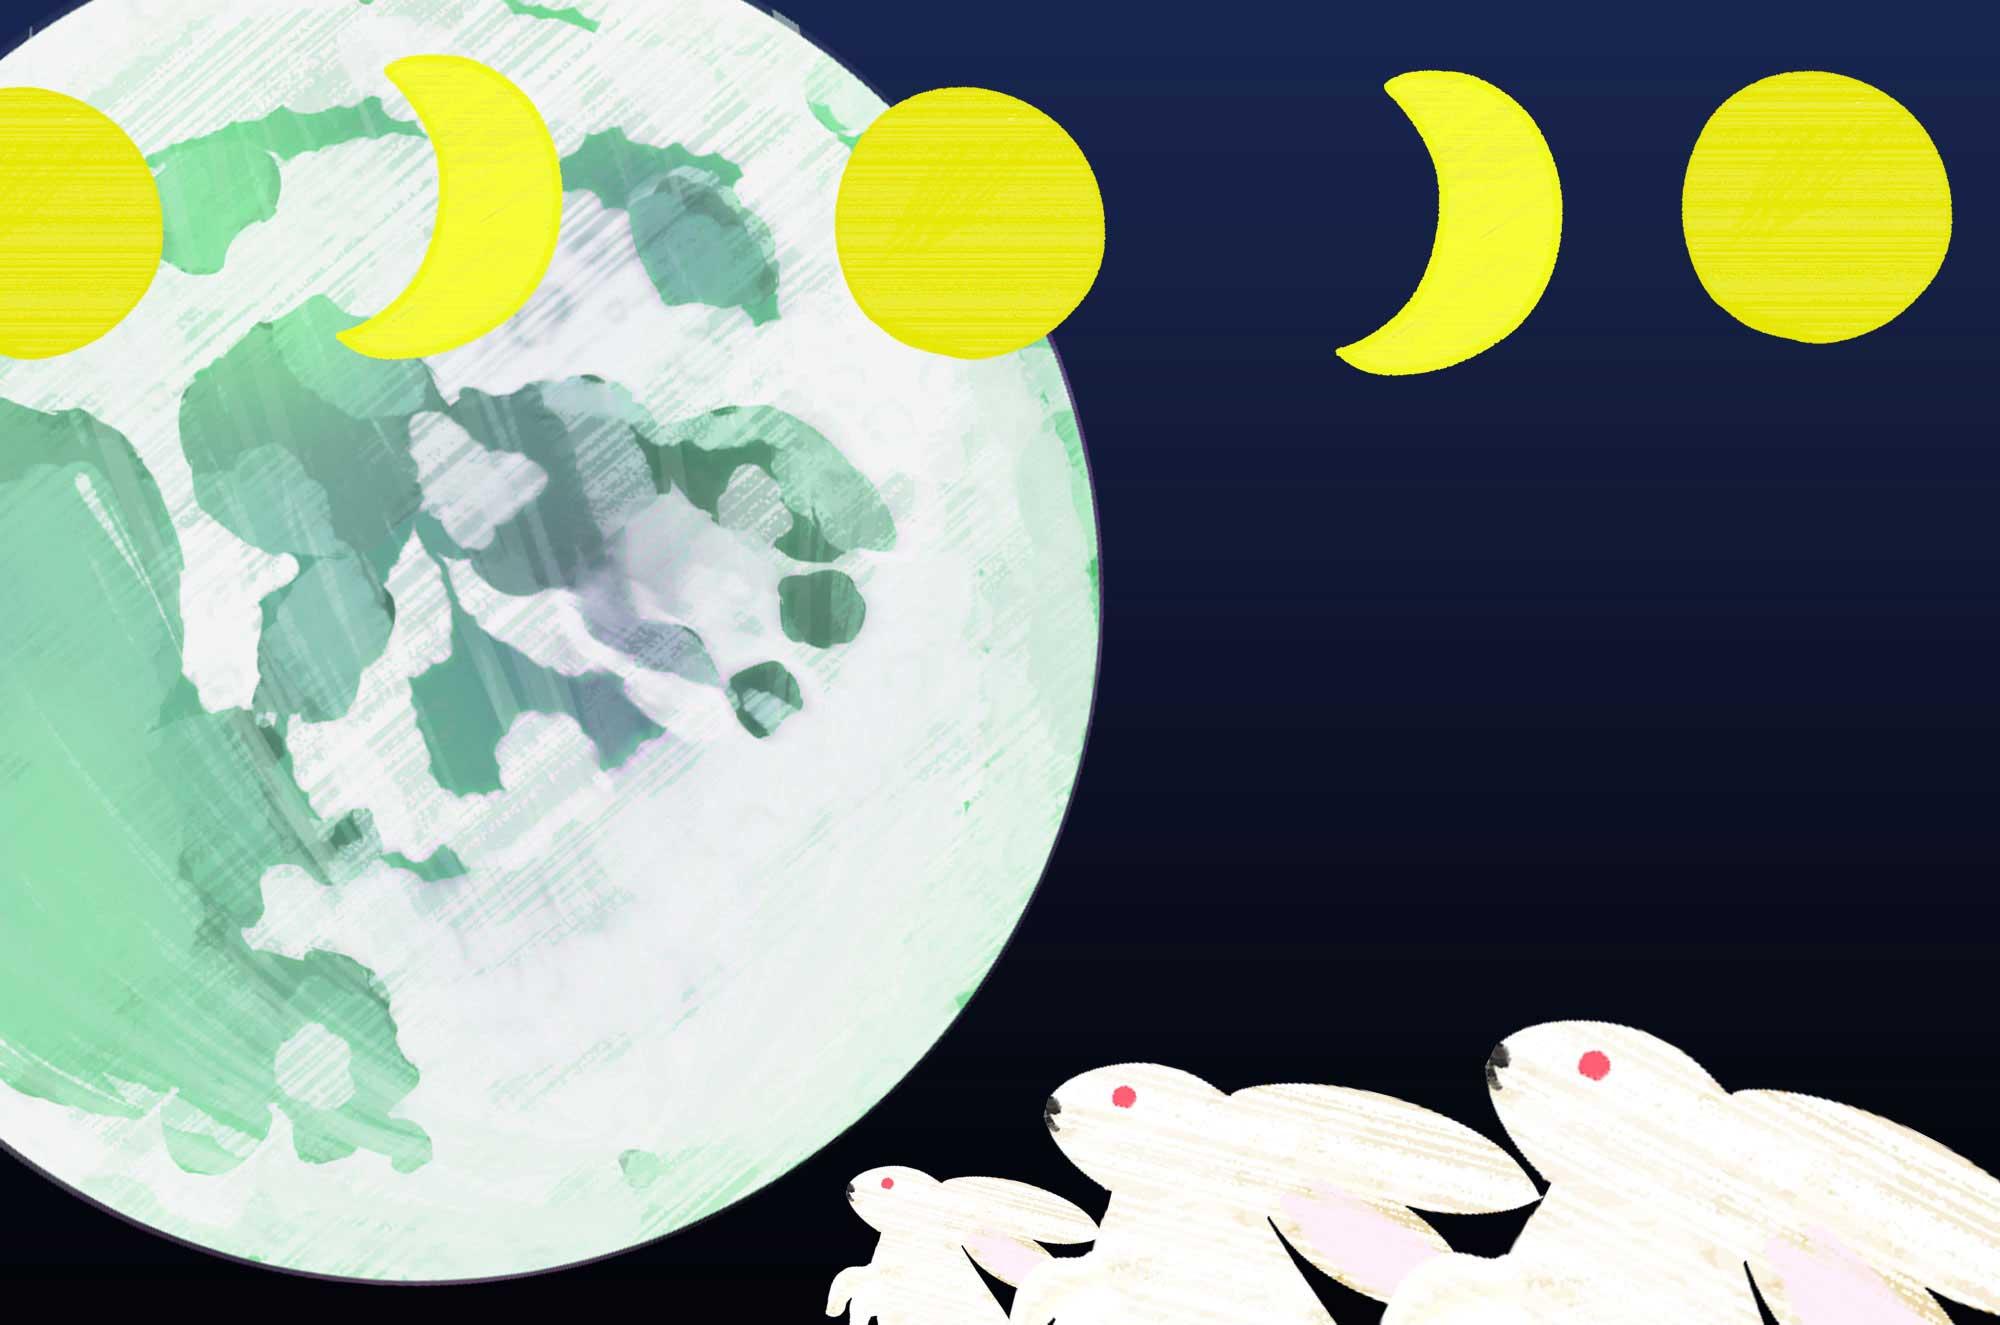 月イラスト - 十五夜や月の満ち欠けの無料素材 - チコデザ